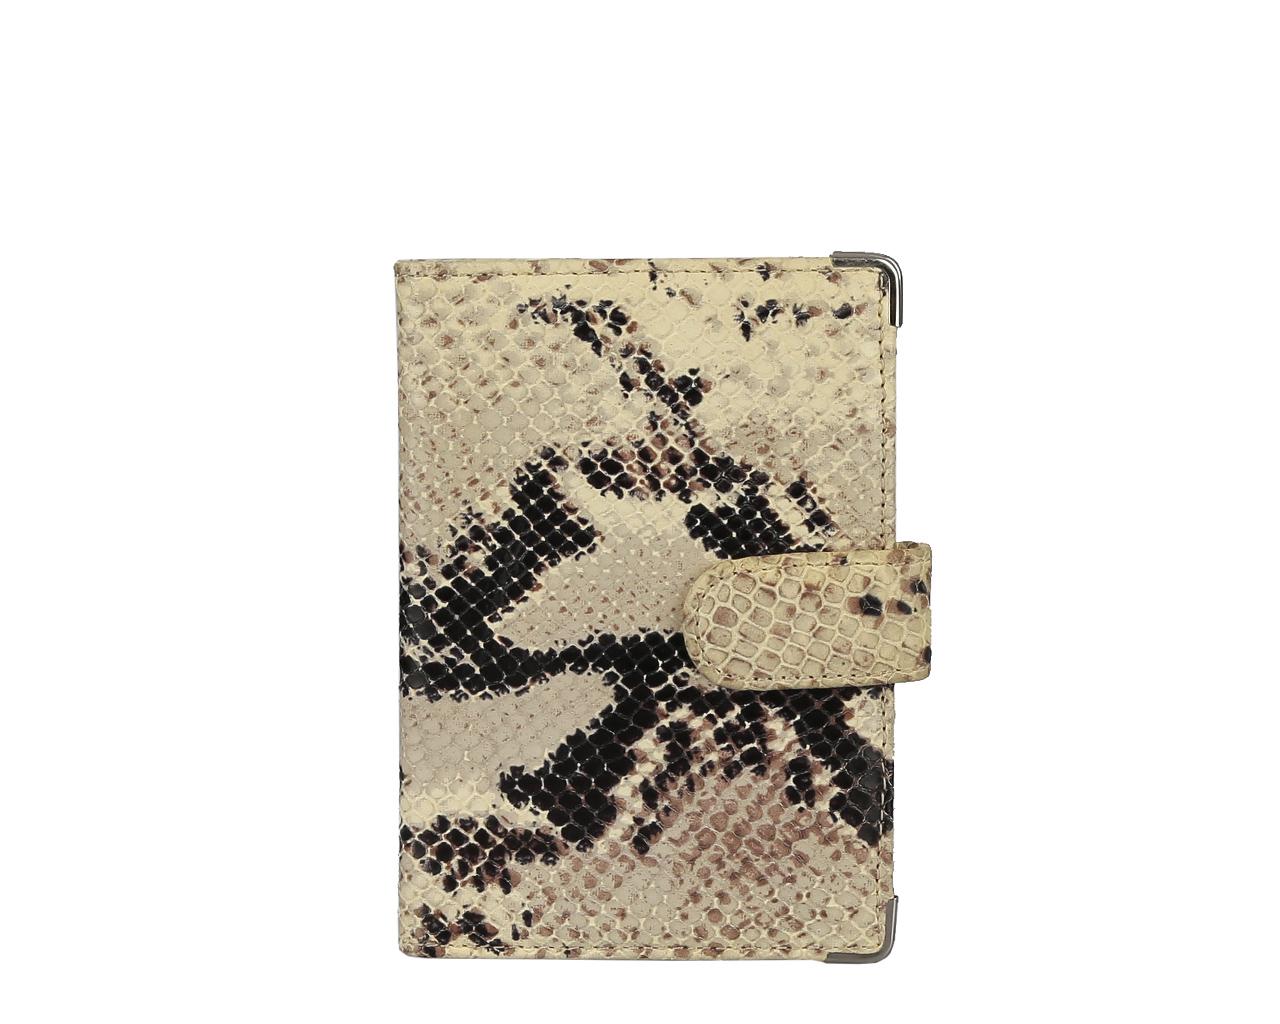 Обложка для документов женская Leo Ventoni, цвет: бежевый, коричневый. L330222-02L330222-02 pitonСтильная обложка для документов Leo Ventoni выполнена из натуральной кожи с тиснением под питона, дополнена металлической фурнитурой. Изделие раскладывается пополам и закрывается хлястиком на кнопку. Внутри размещены два накладных кармана для паспорта и четыре кармана для кредитных карт. Изделие поставляется в фирменной упаковке. Оригинальная обложка для документов Leo Ventoni станет отличным подарком для человека, ценящего качественные и практичные вещи.